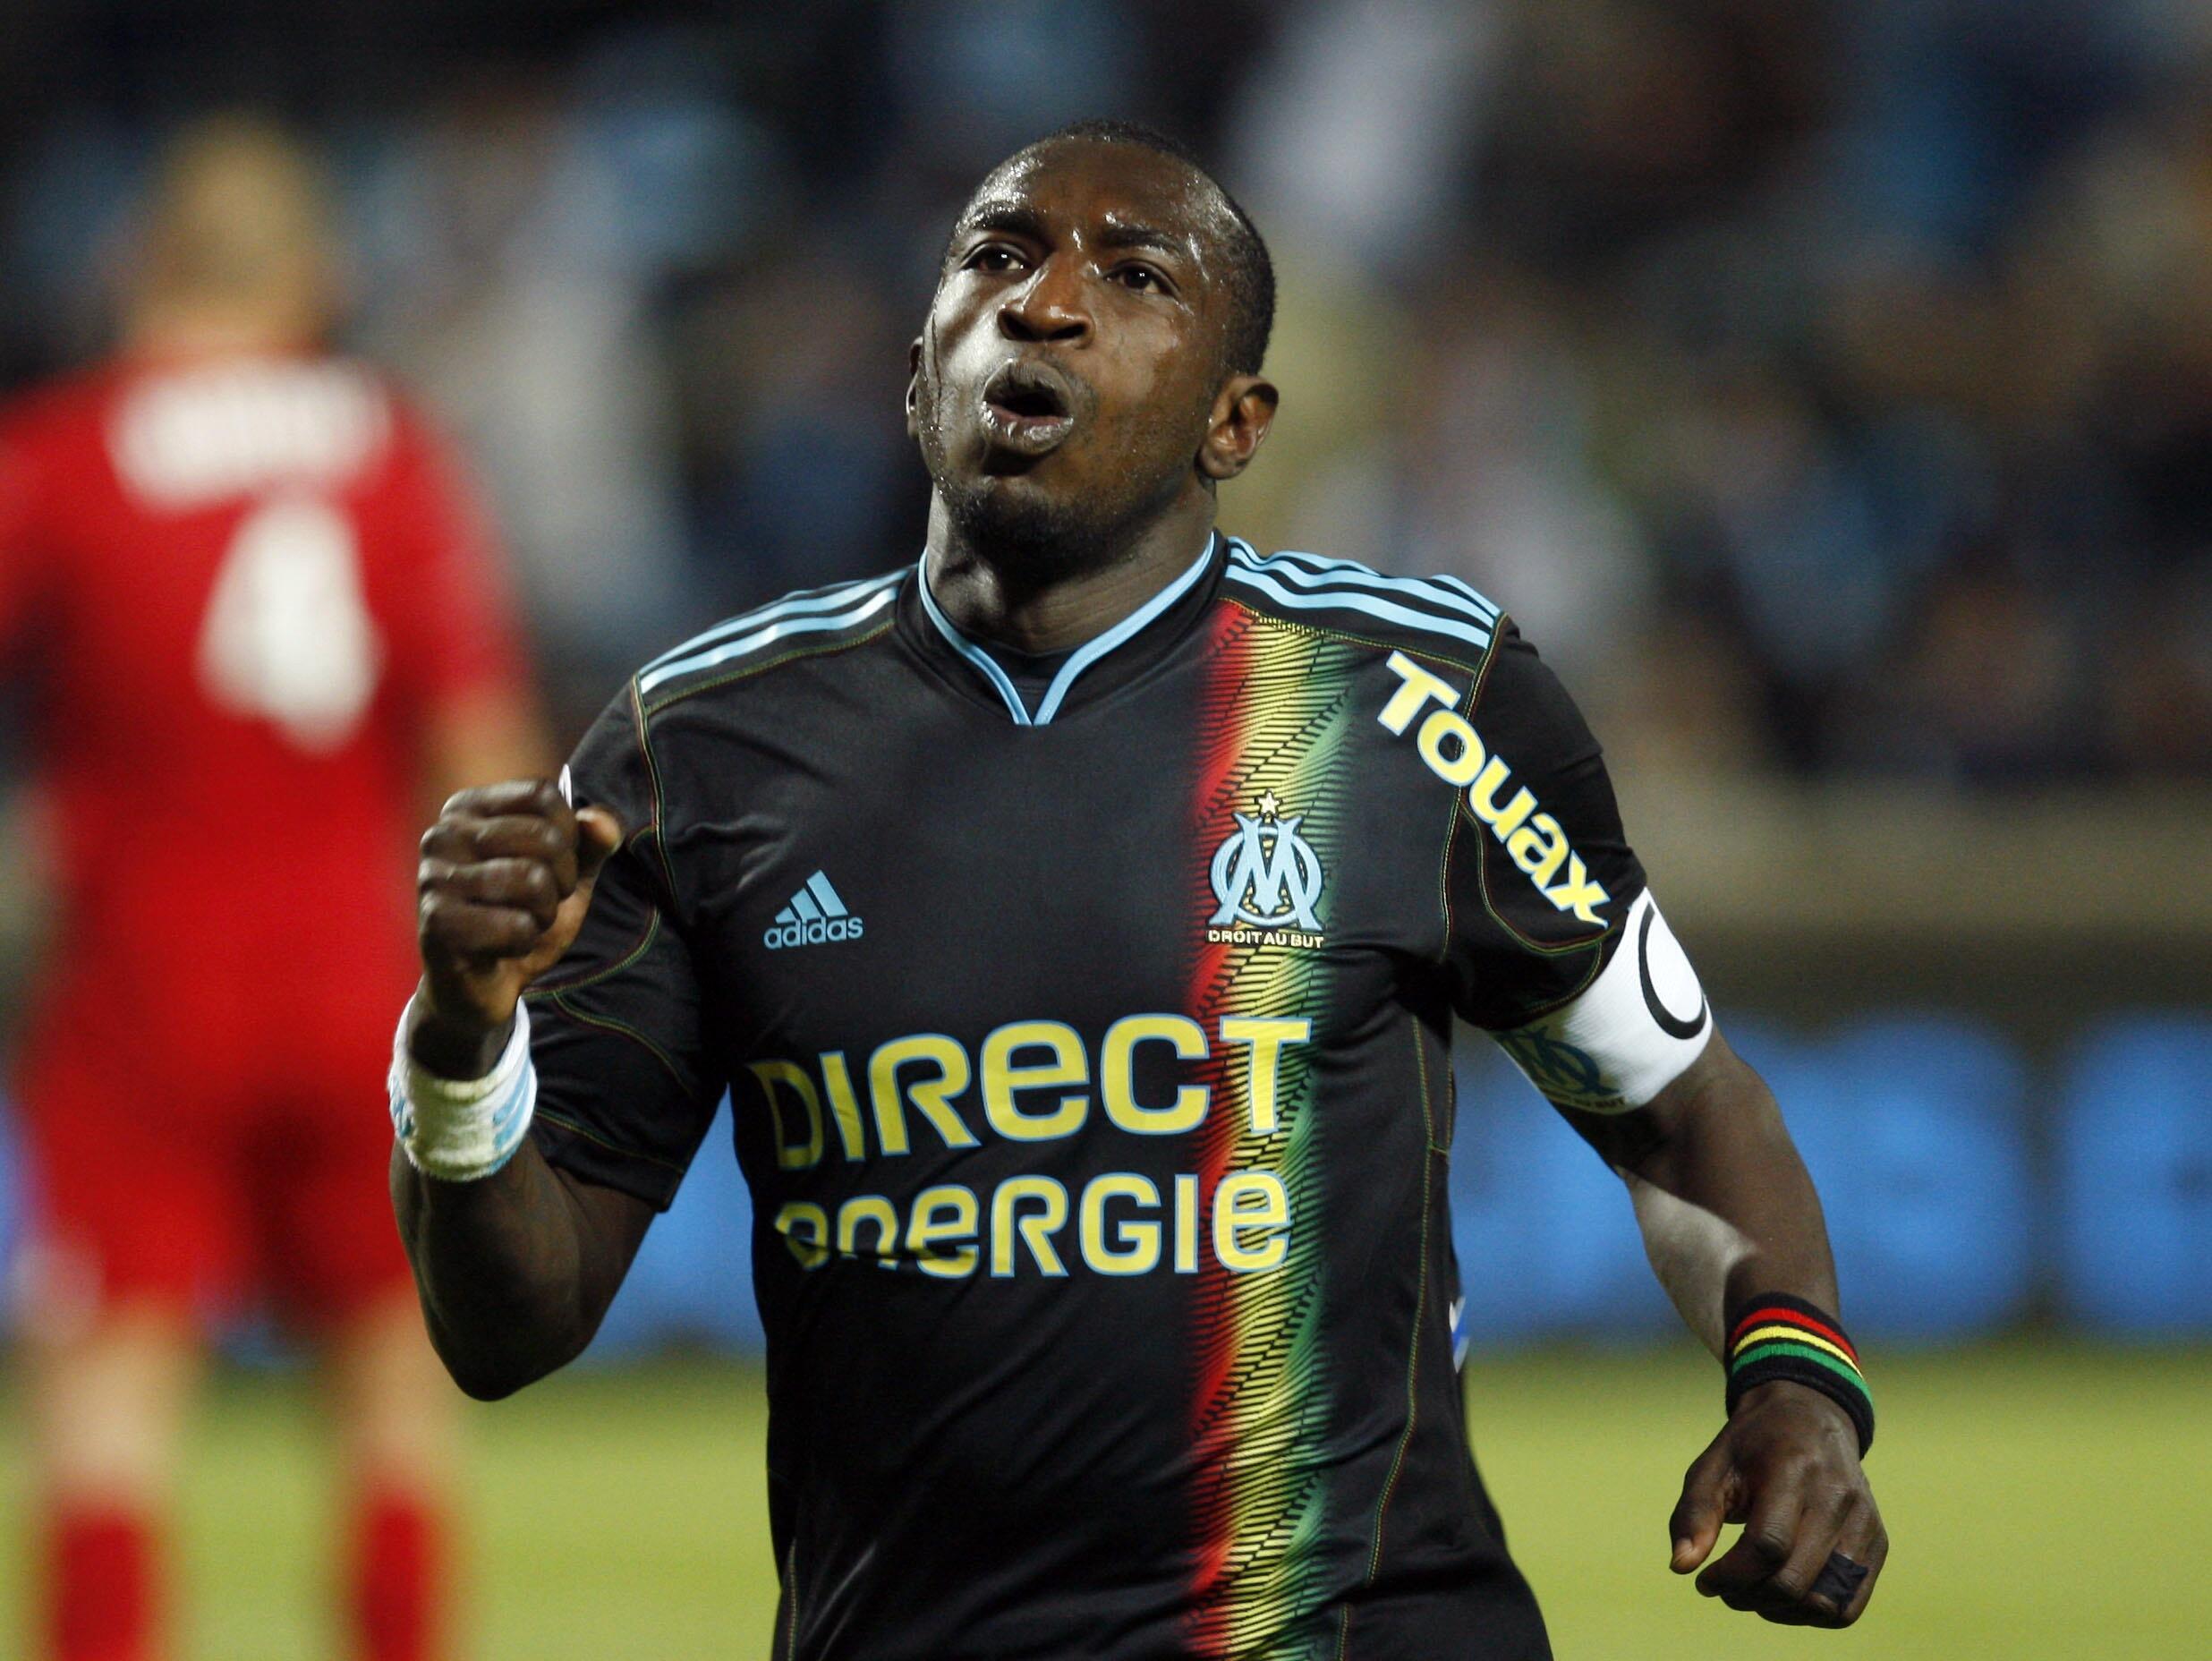 Le Sénégalais Mamadou Niang.